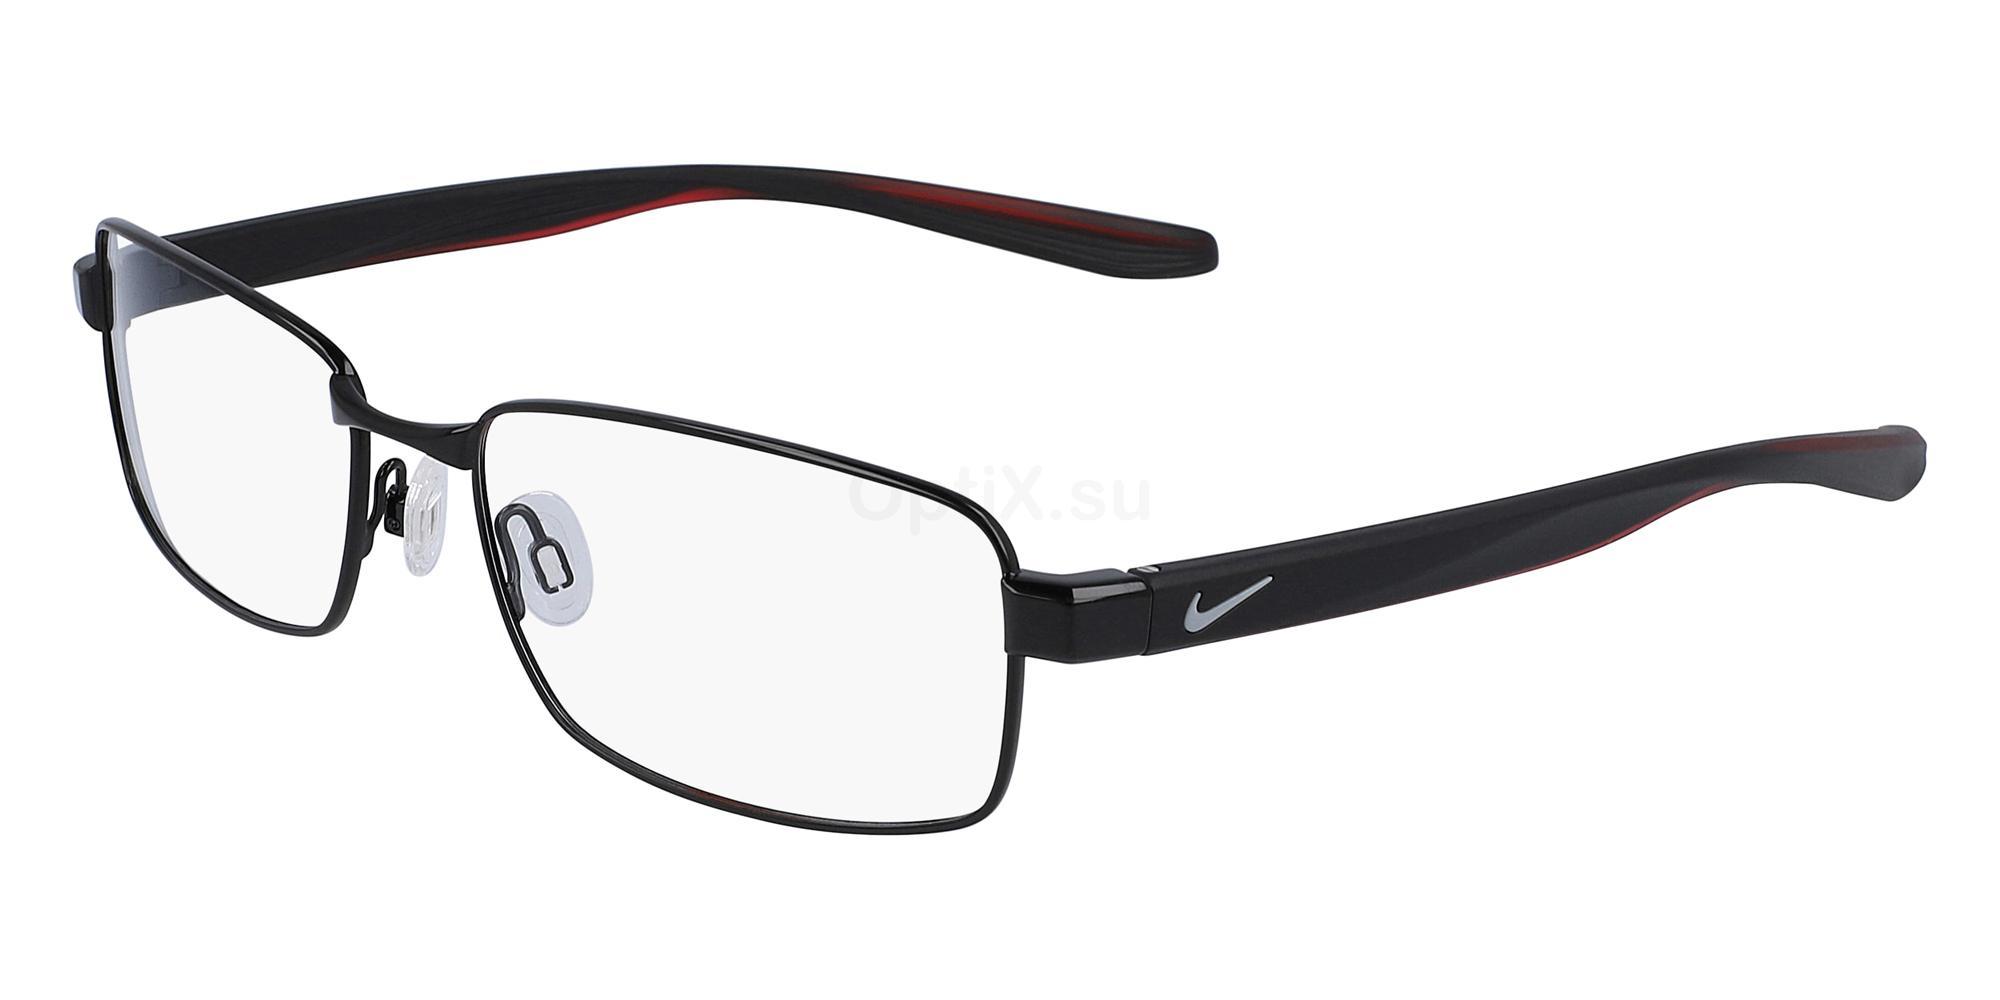 006 NIKE 8195 Glasses, Nike